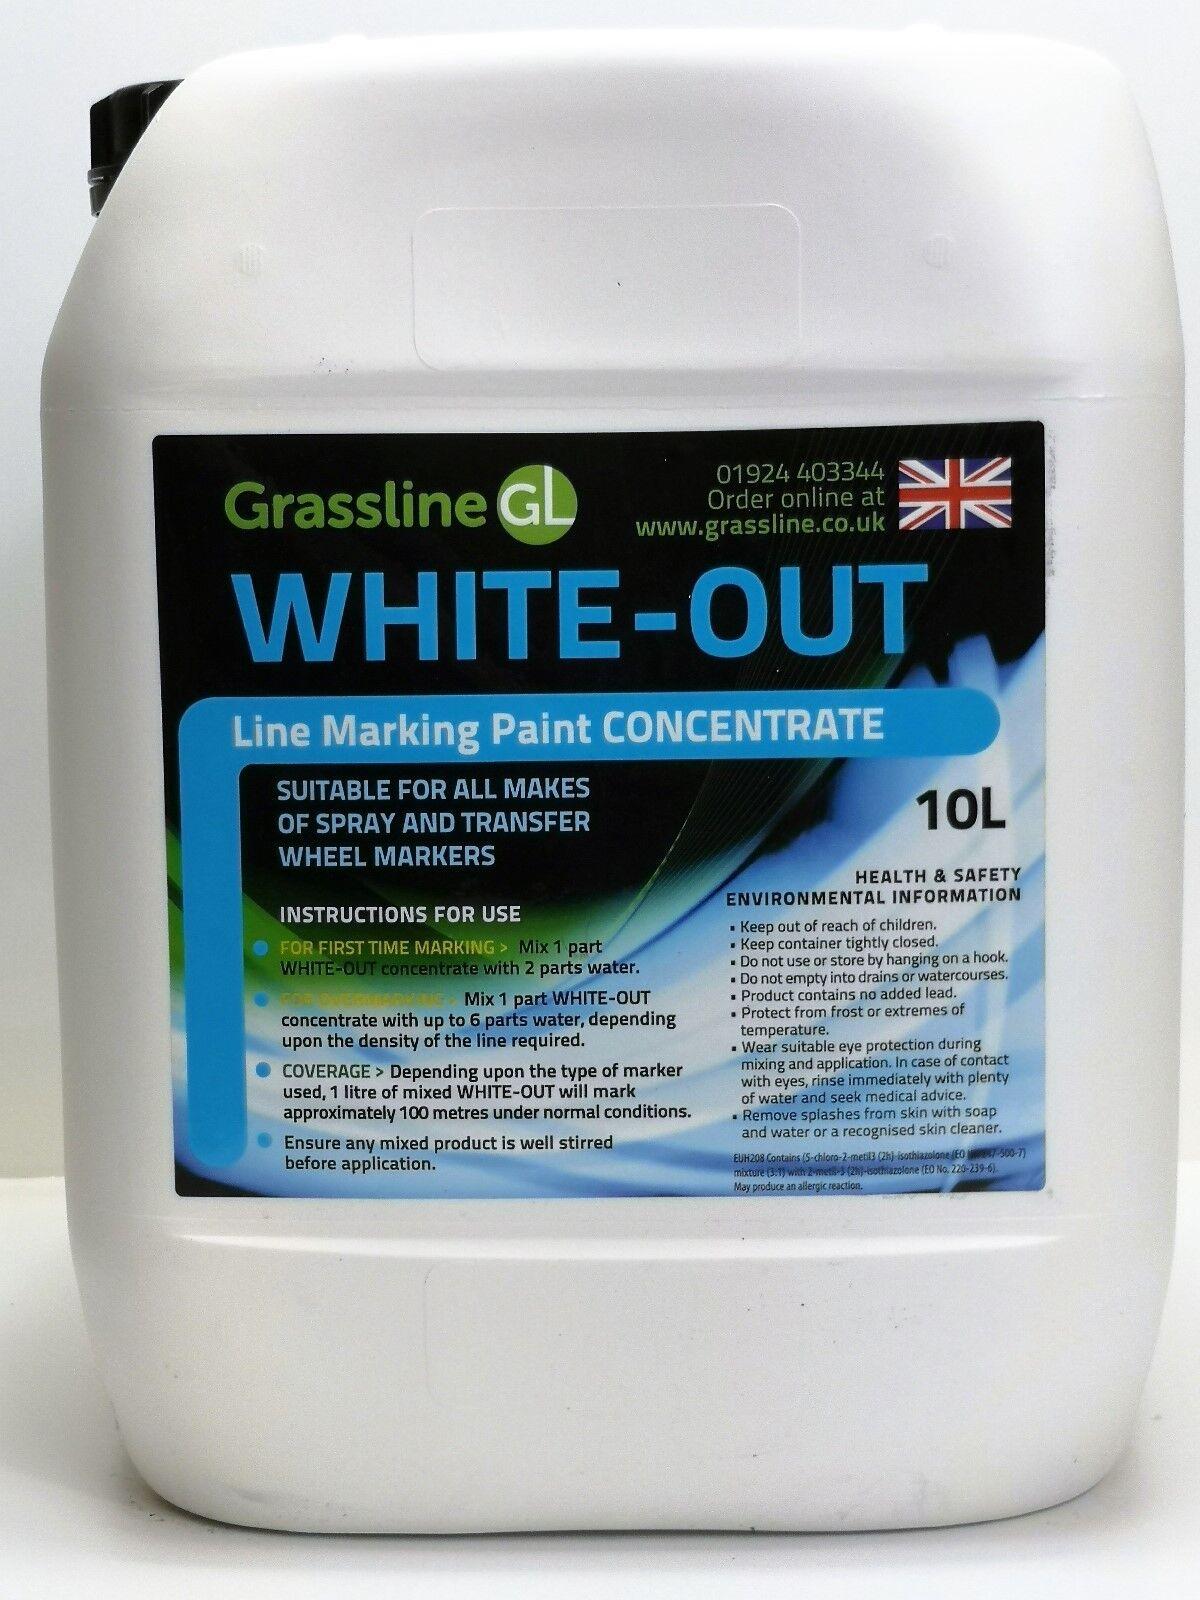 3 x 10 Liter Grassline Weiß-Out Sport Line Marking Paint for Grass